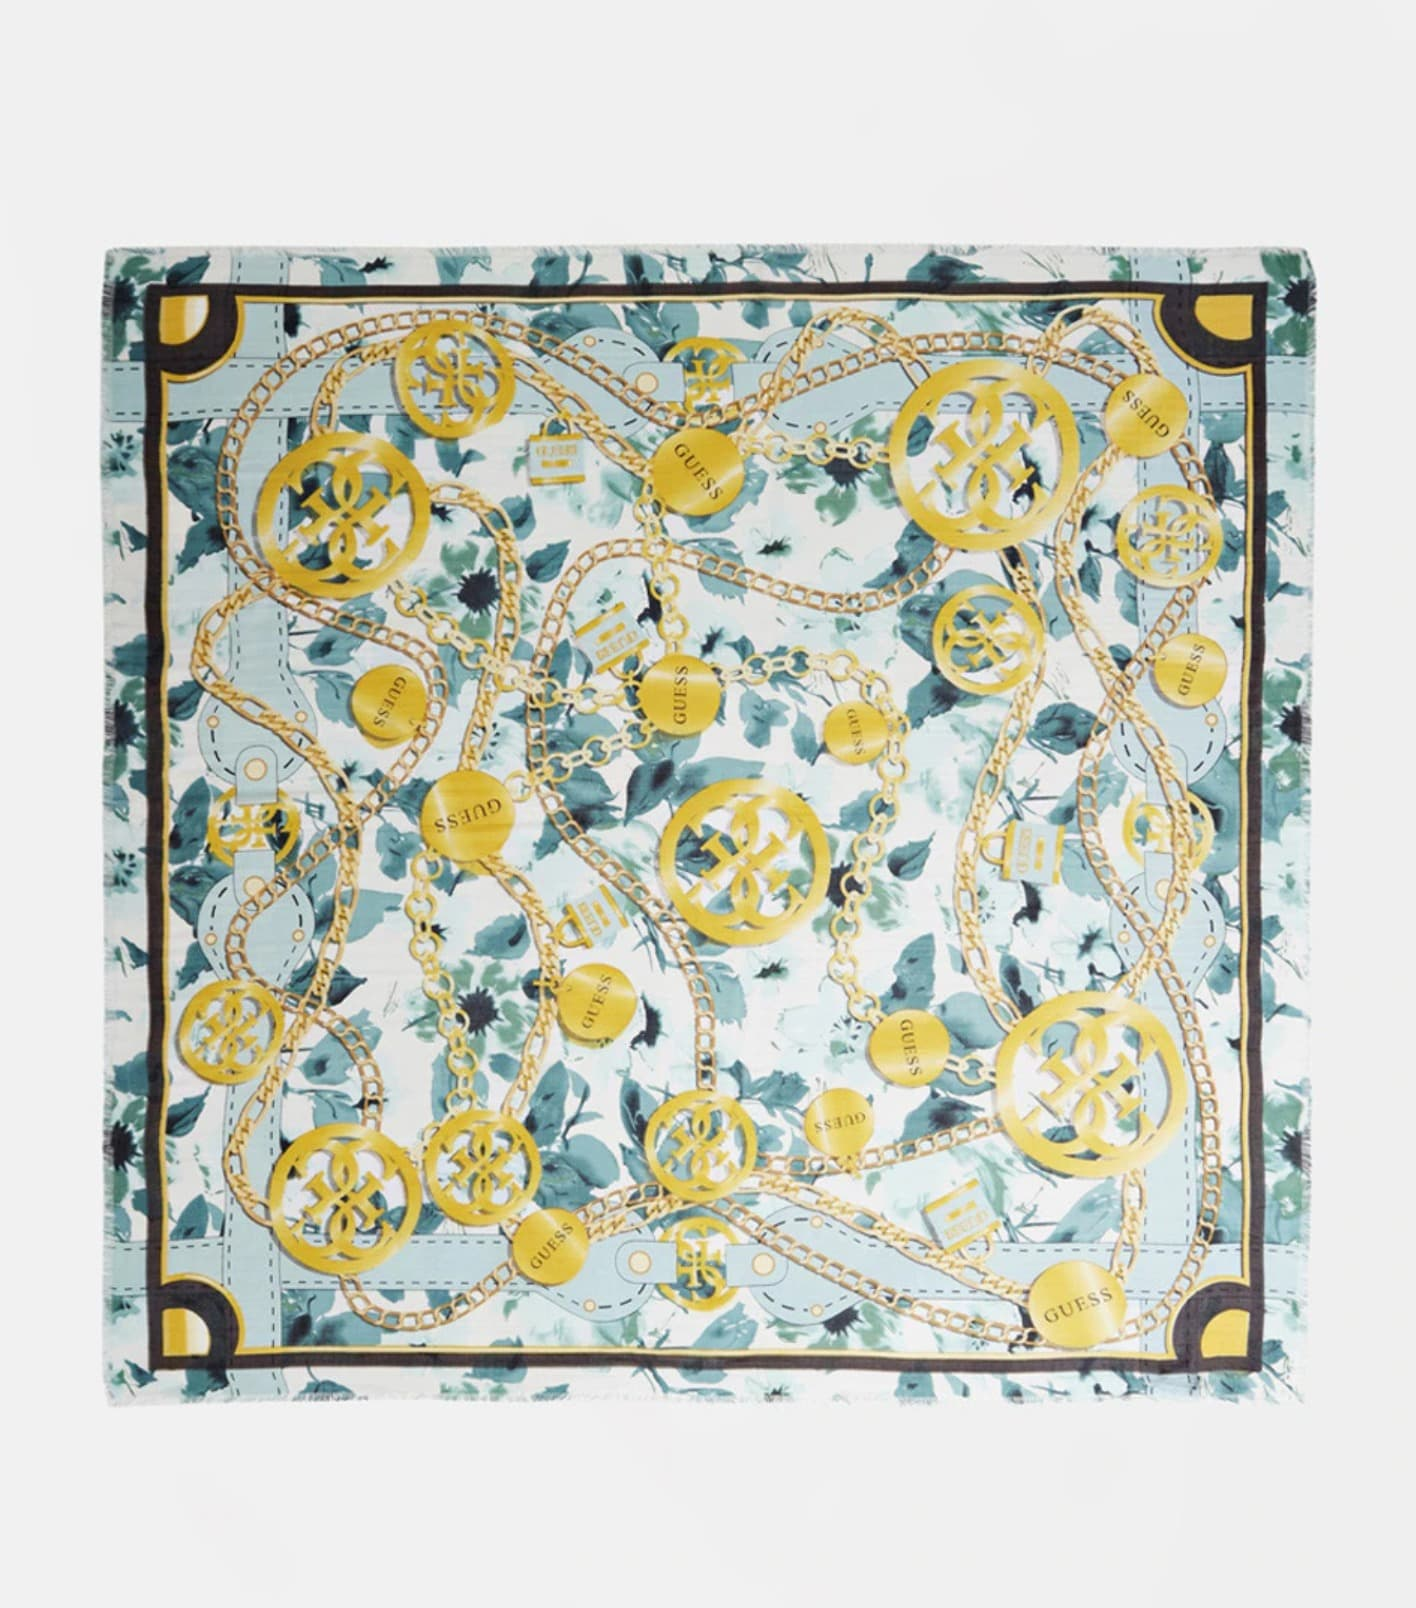 Pañuelo Guess bicolor en verde agua y dorado con print combinado